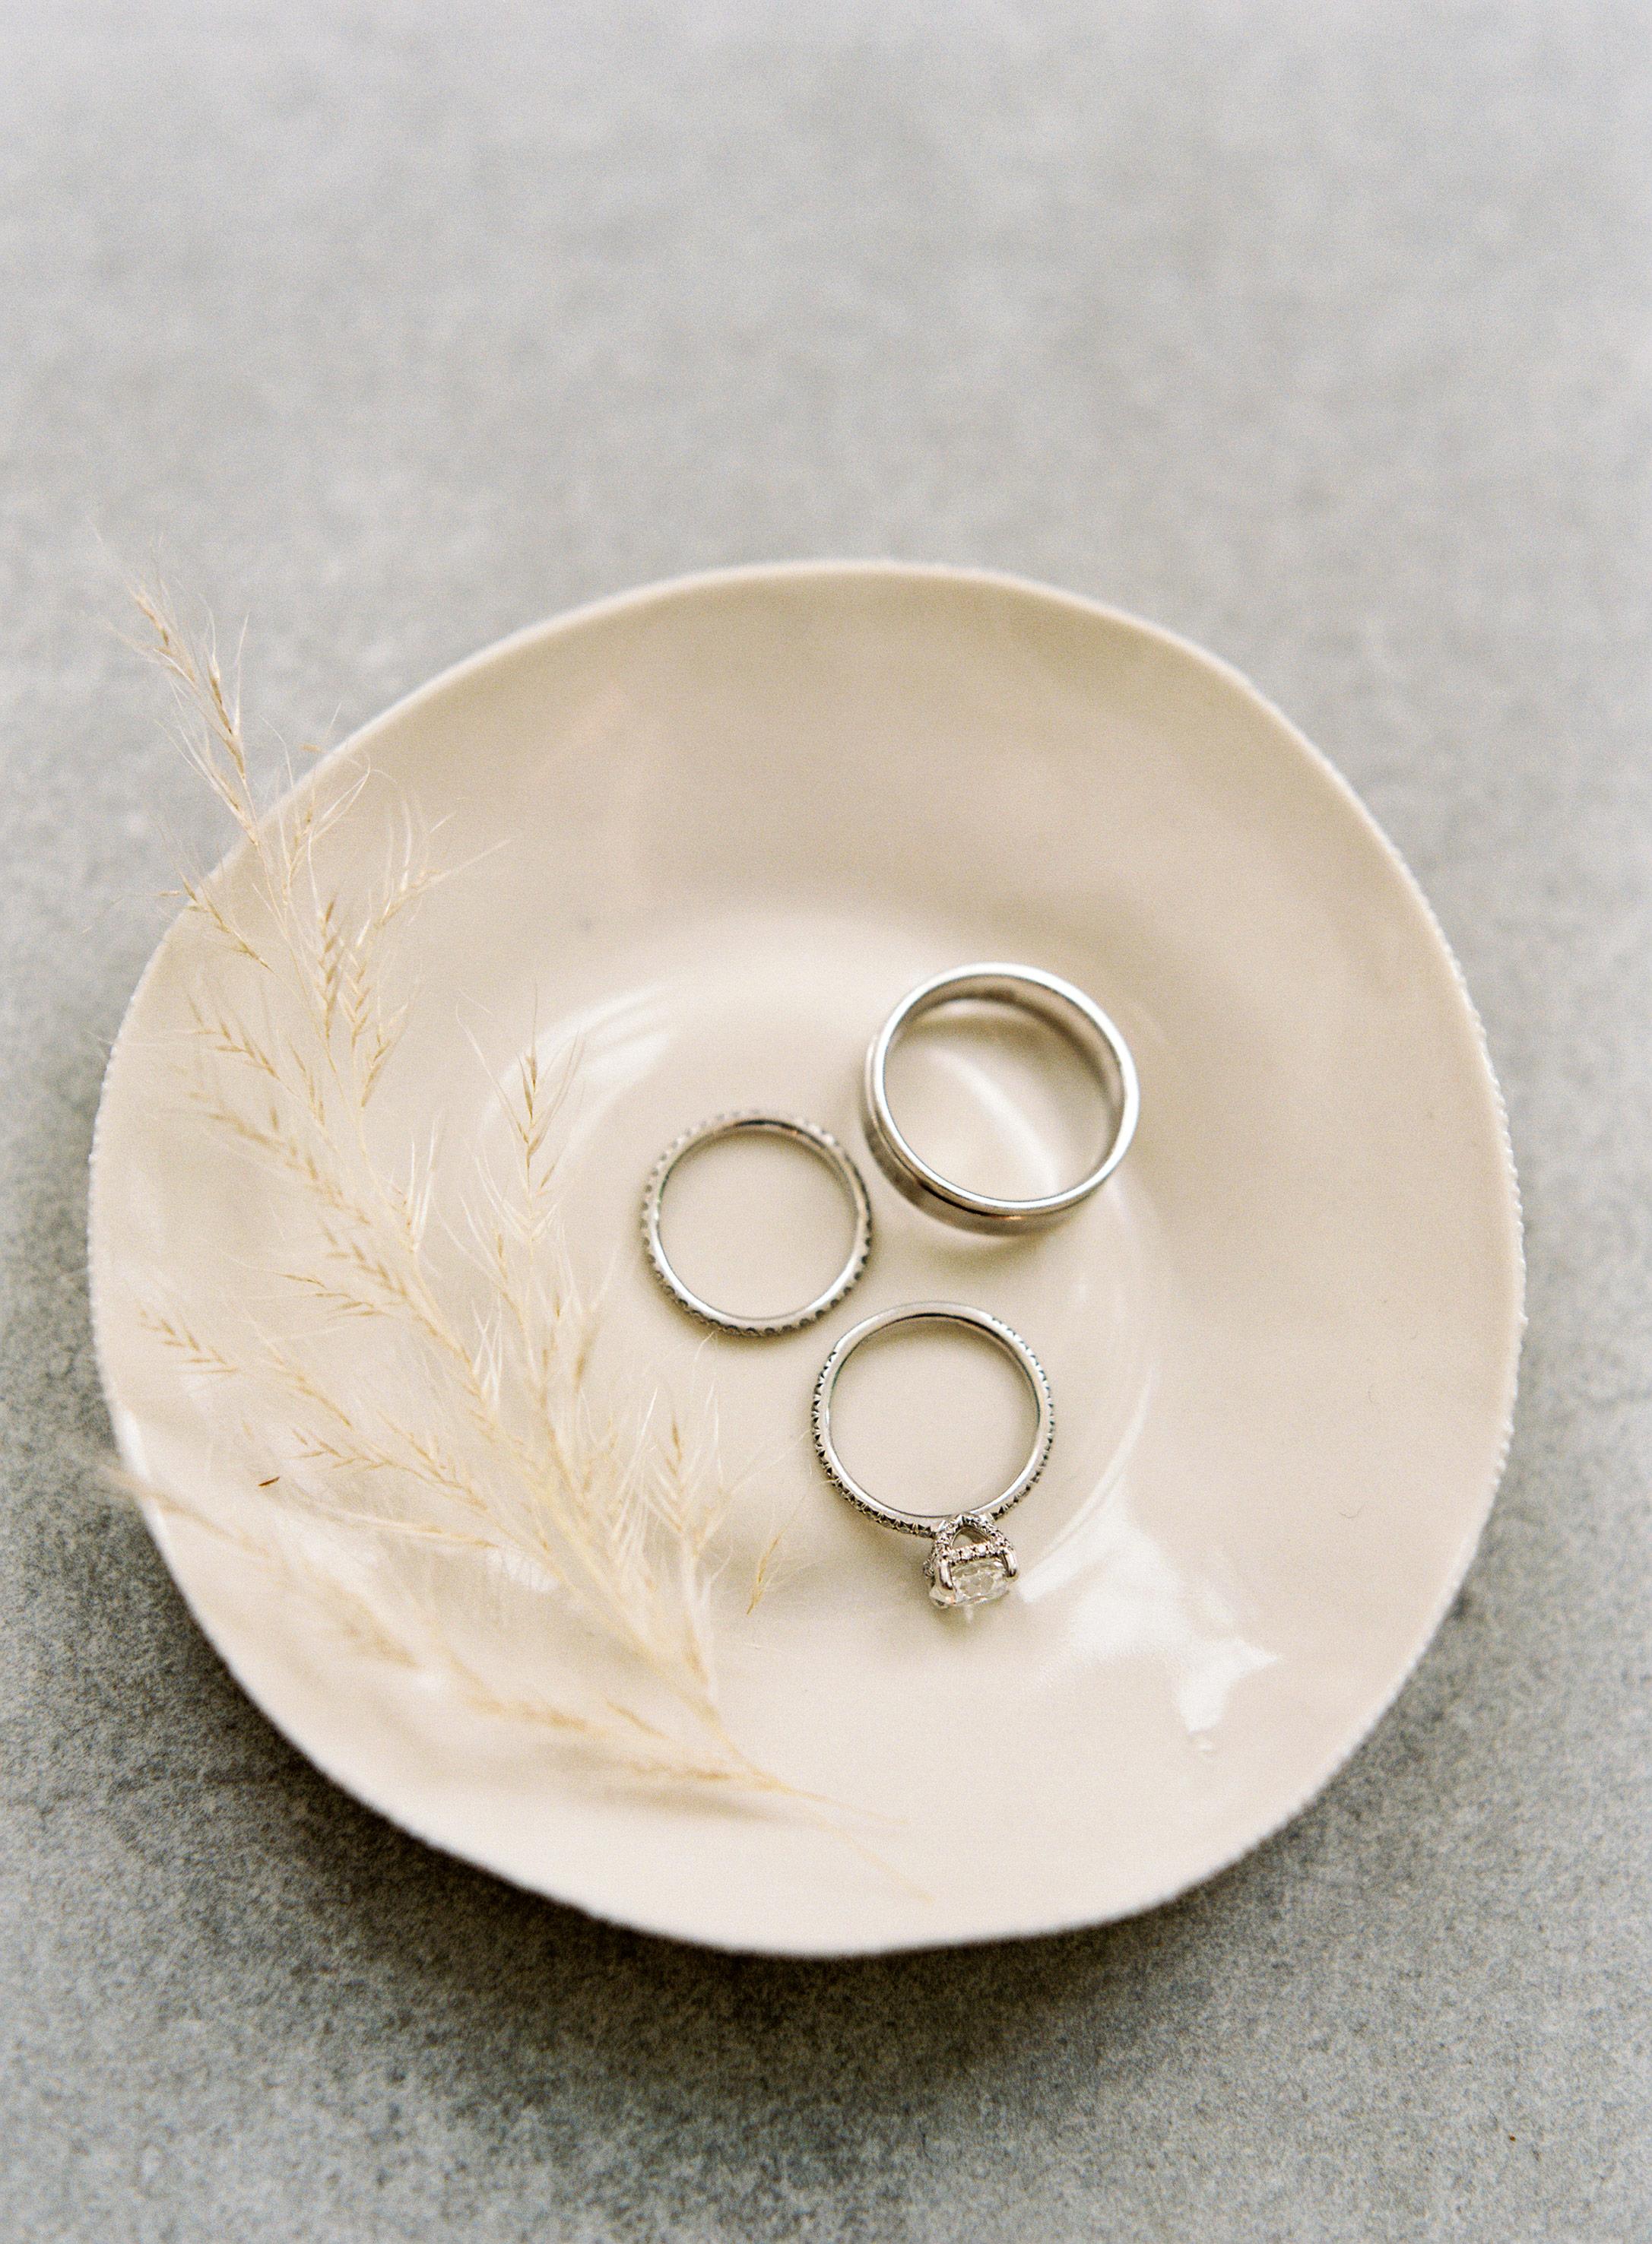 linda robert wedding rings